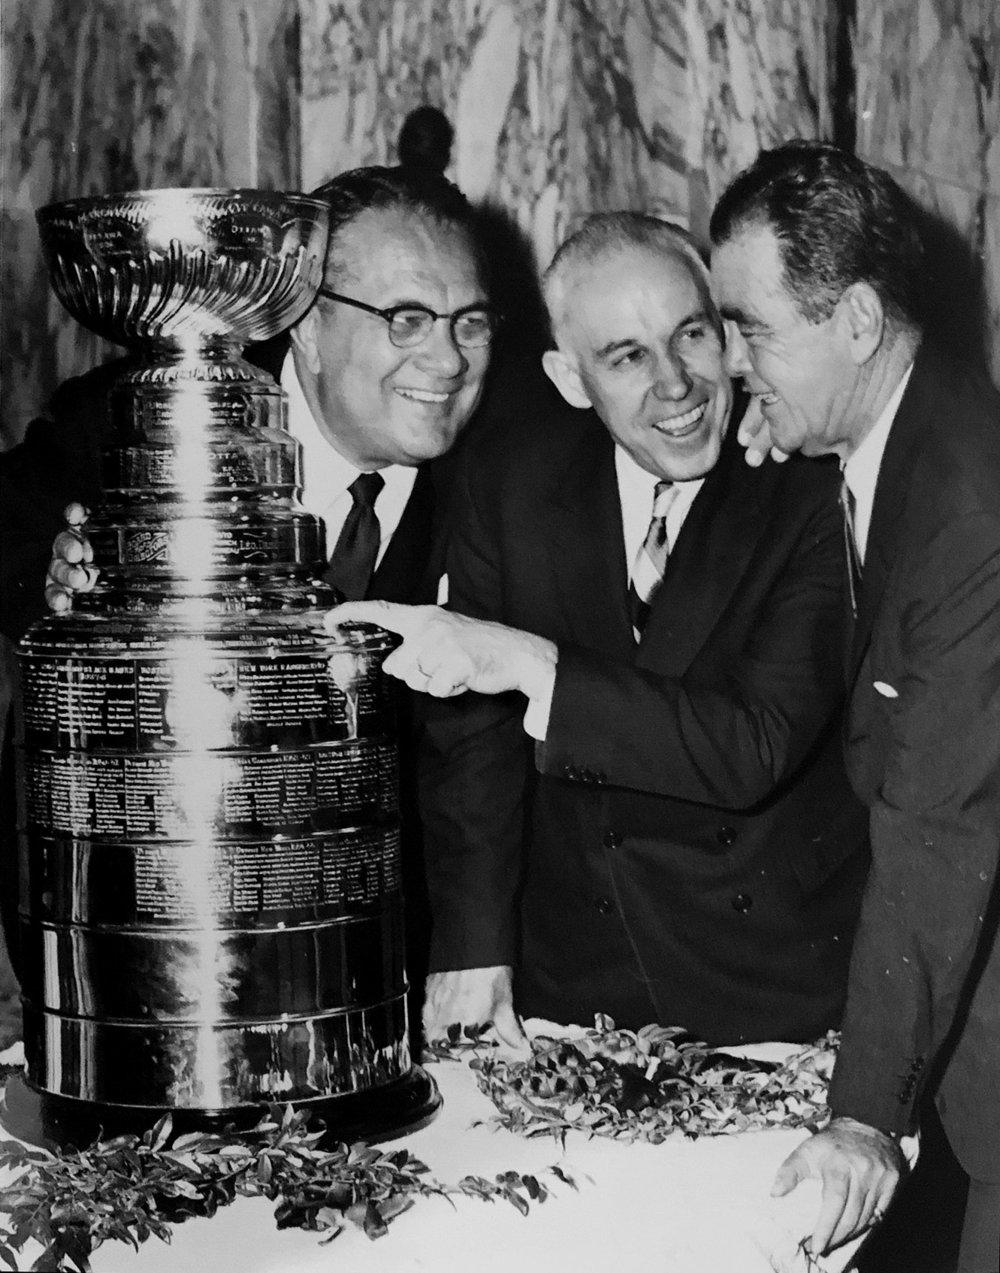 Arthur, le président de la NHL Clarence Campbell et Jimmy Norris, aux côtés de la coupe Stanley remportée par les Blackhawks en 1961. Suivra une disette de 49 ans avant que les Blackhawks puissent remettre la main sur le précieux trophée.